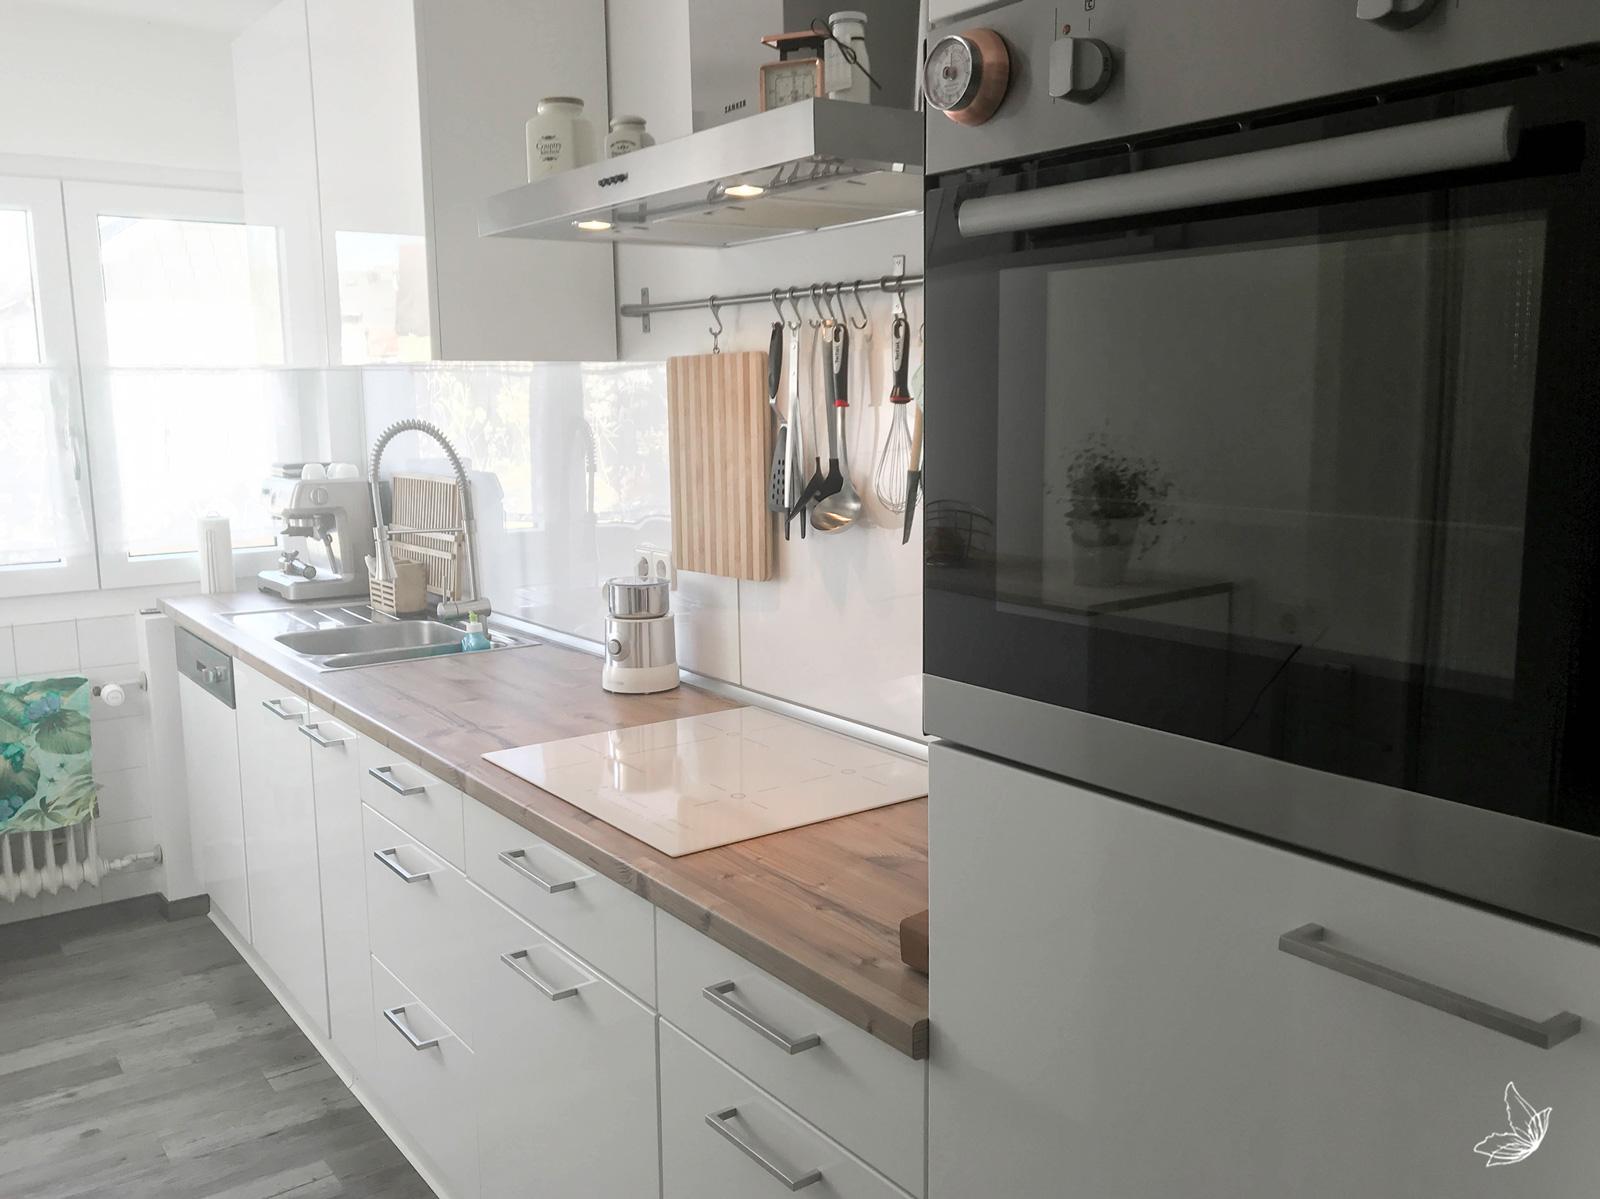 Nett Interior Design Der Küche In Low Budget Ideen - Küchenschrank ...